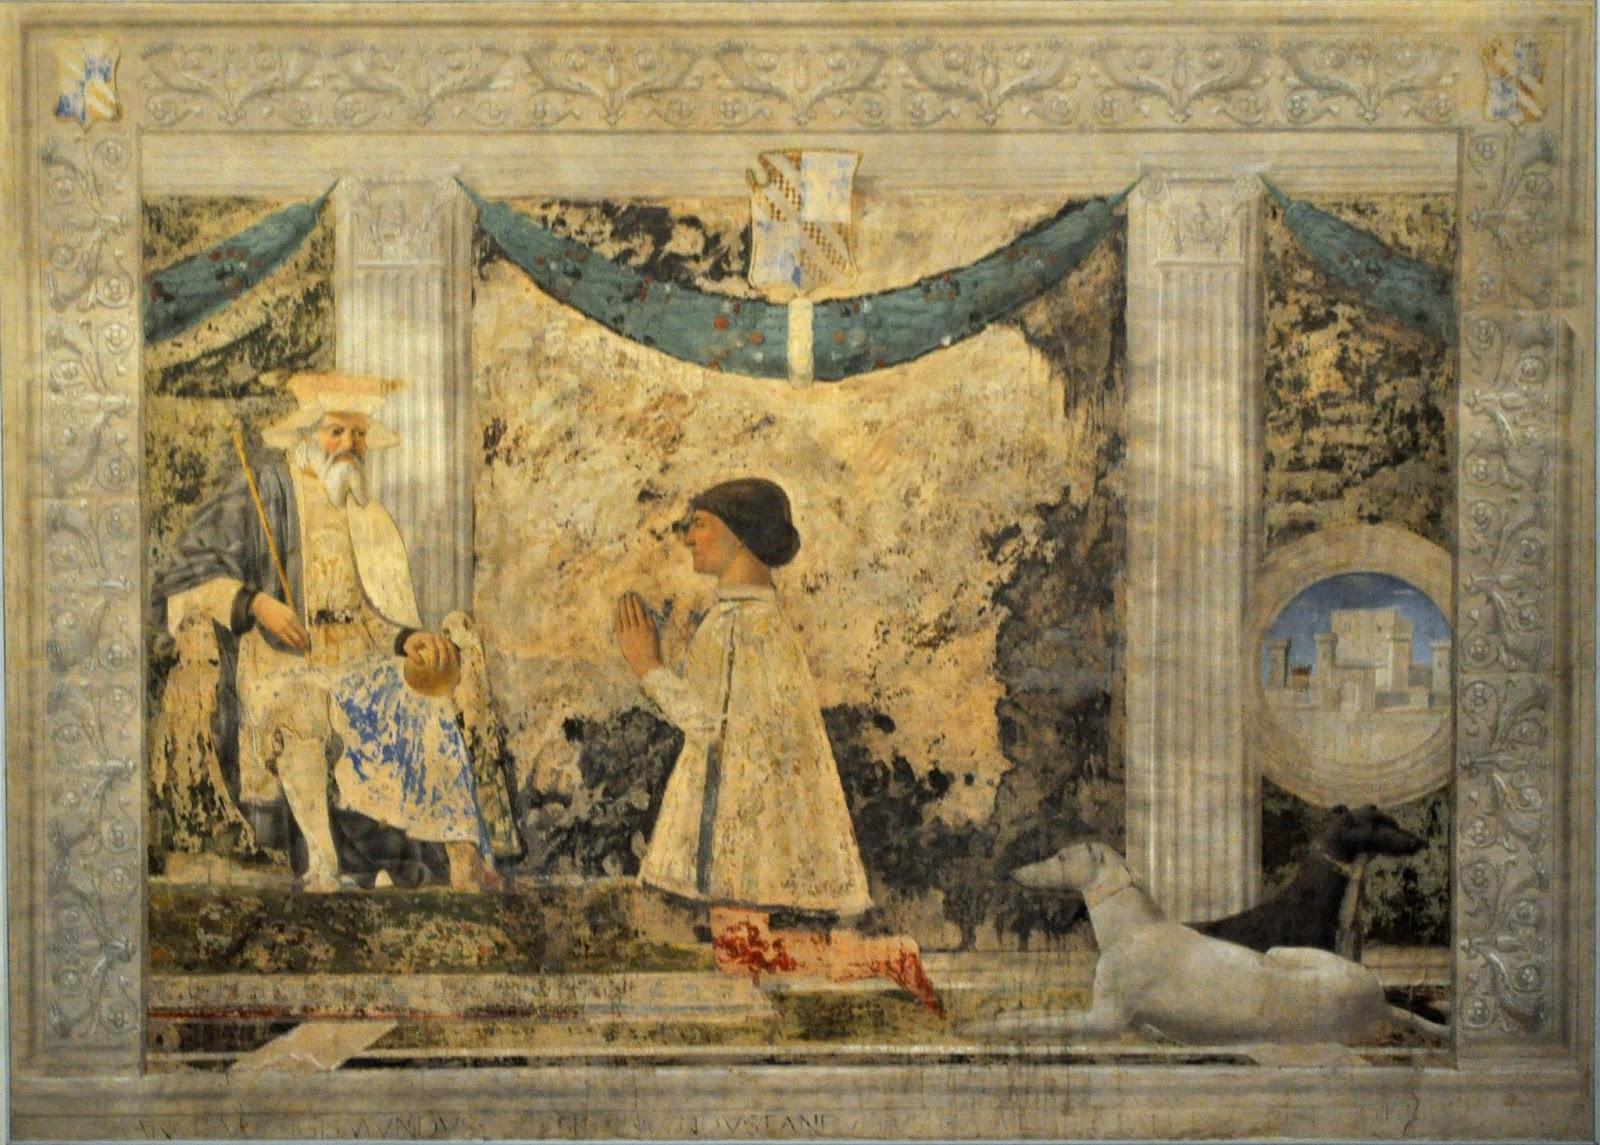 L'America antidiluviana in un dipinto del 1451